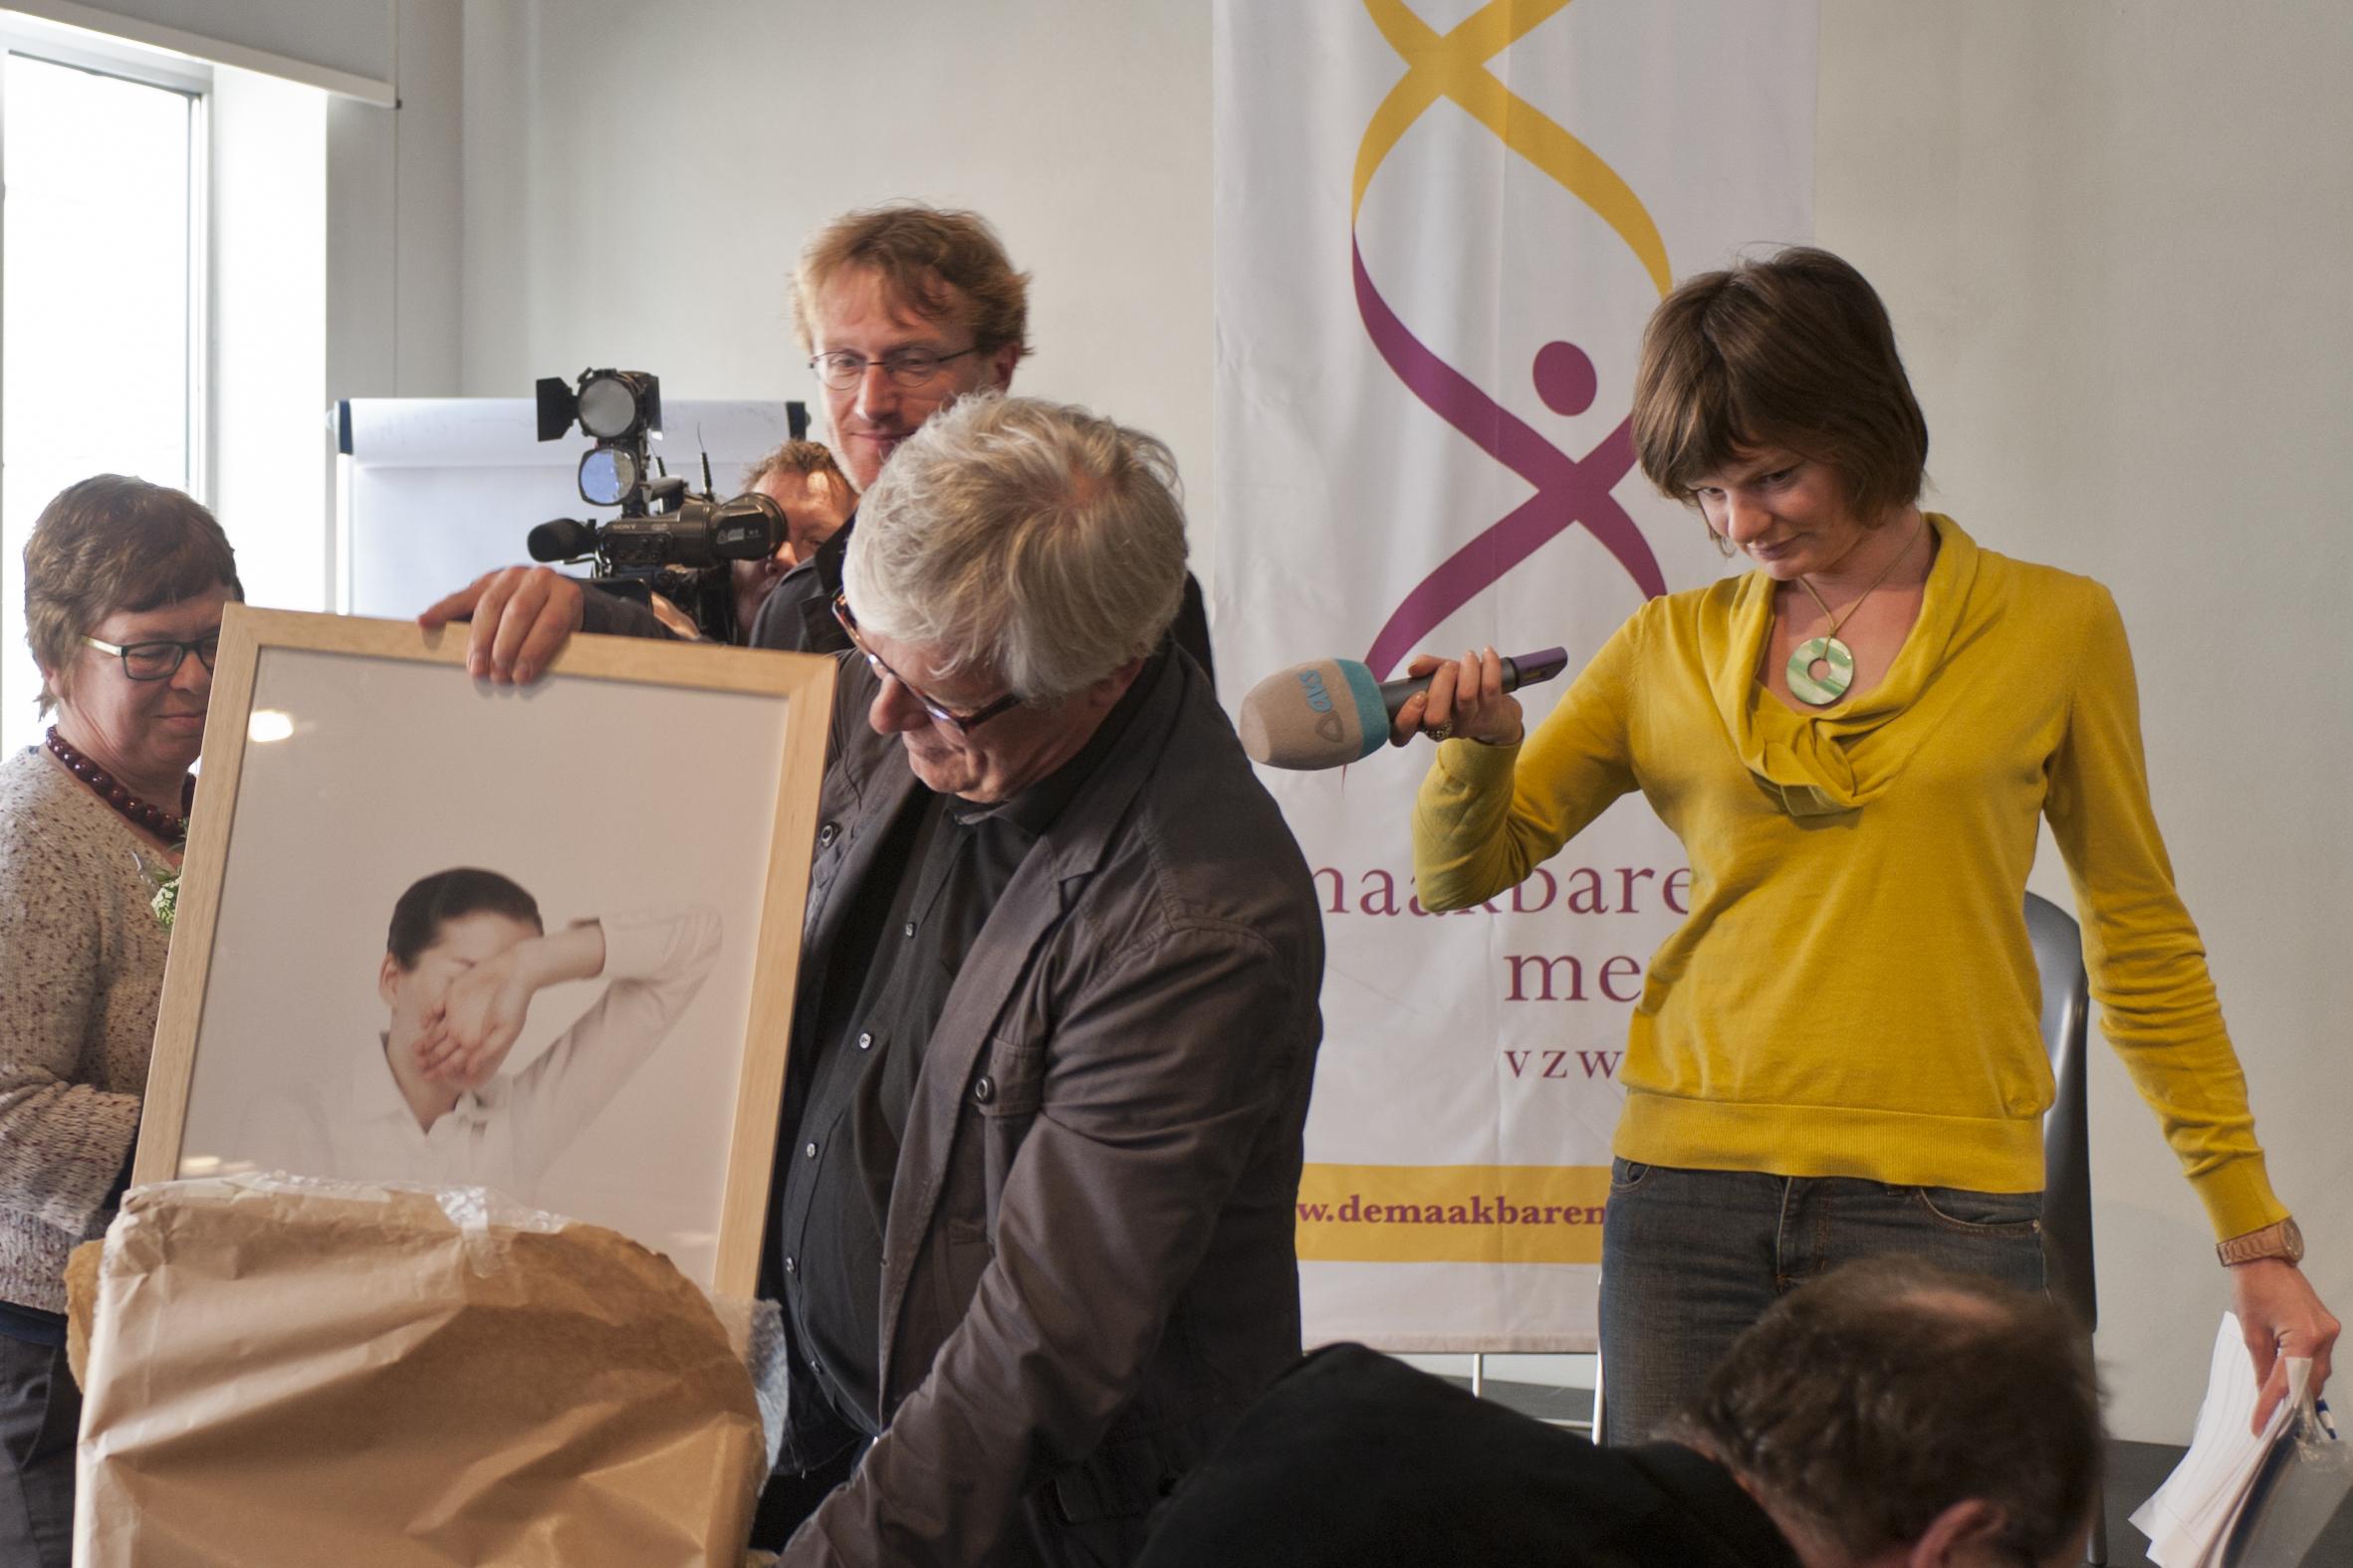 Prijs De Maakbare Mens 2012 uitgereikt aan P. Allegaert en A. Caillau (Museum dr. Guislain)